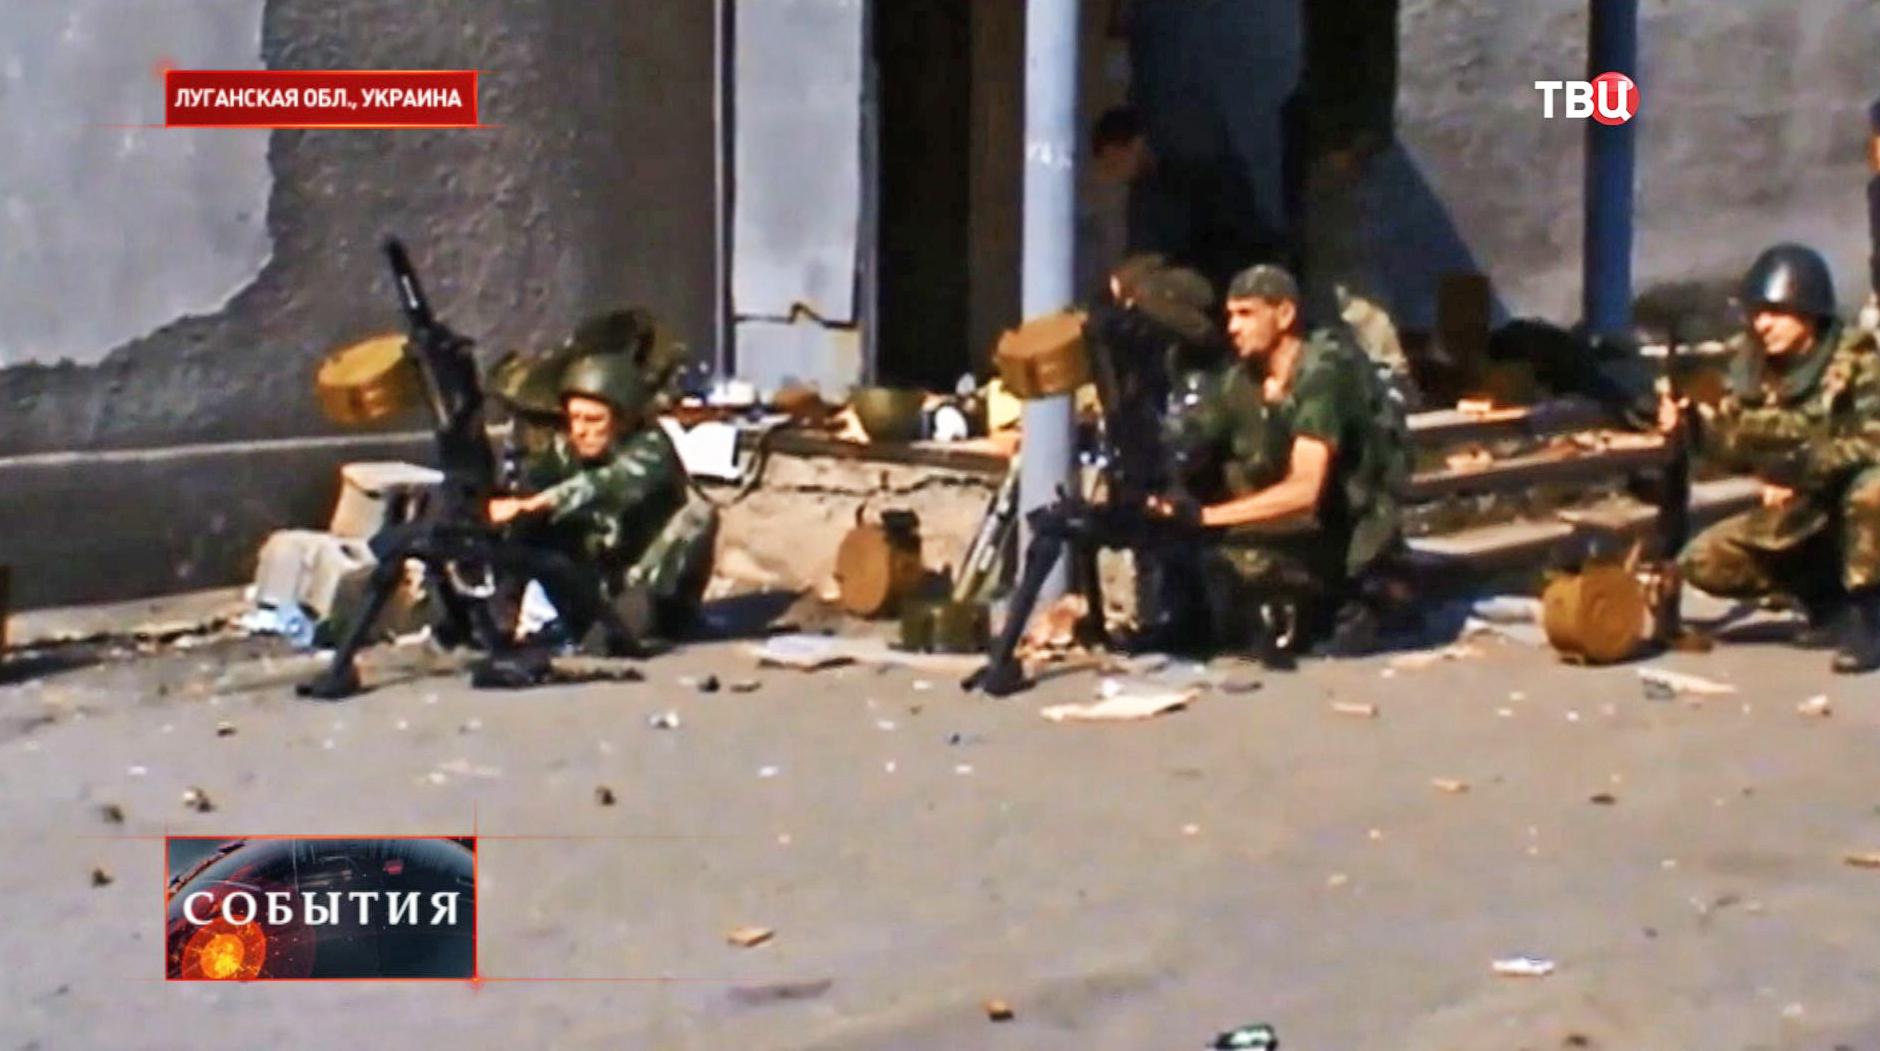 Ополченцы ведут огонь из гранатометов по позициям украинской армии